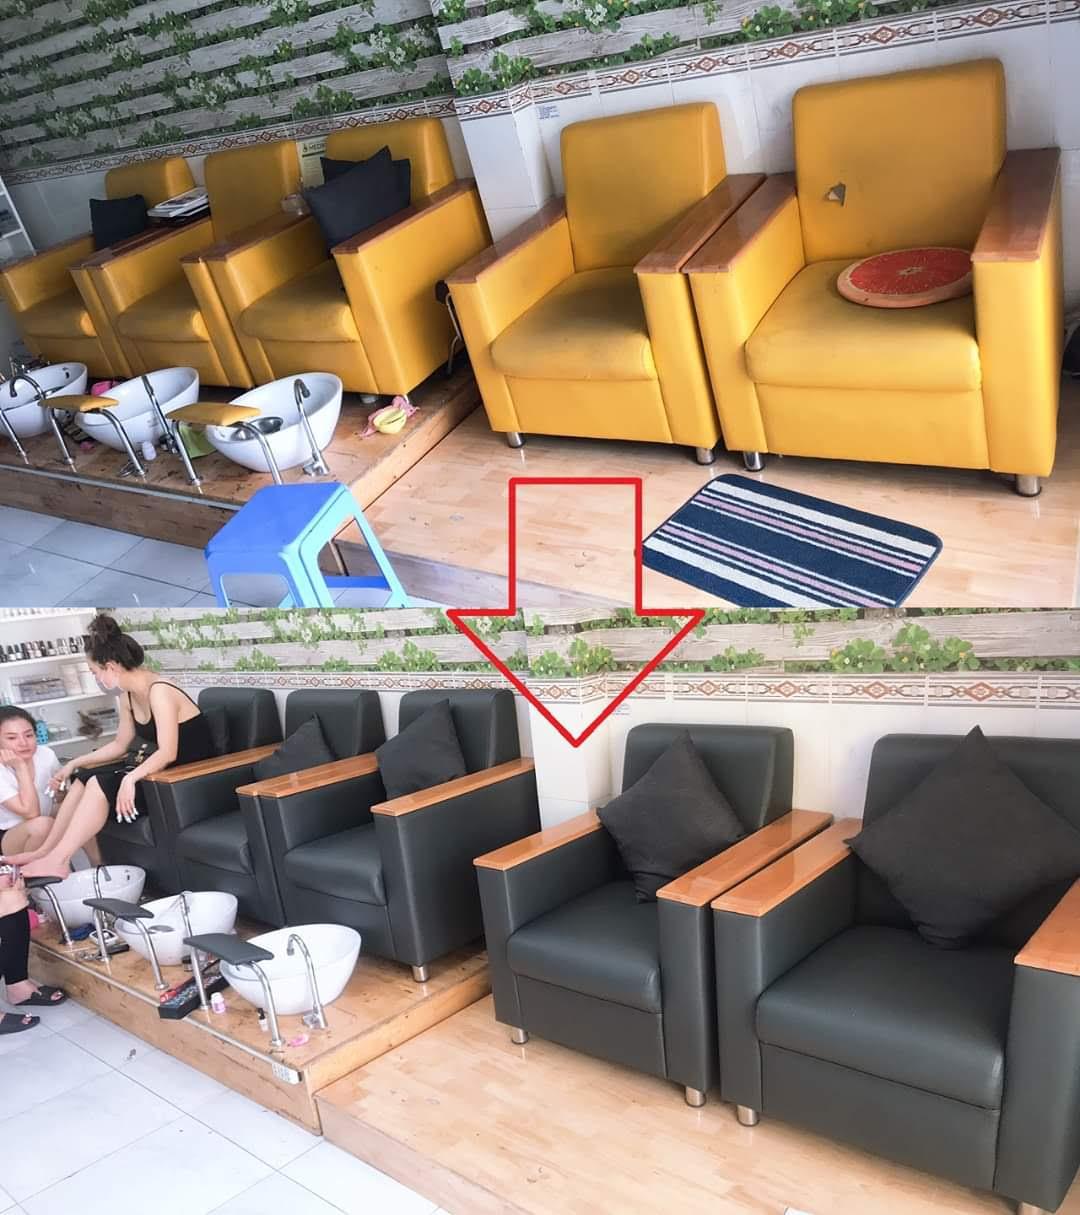 Bọc lại ghế sofa cho tiệm nail Chị Thu tại đường Thống nhất, Quận Gò Vấp